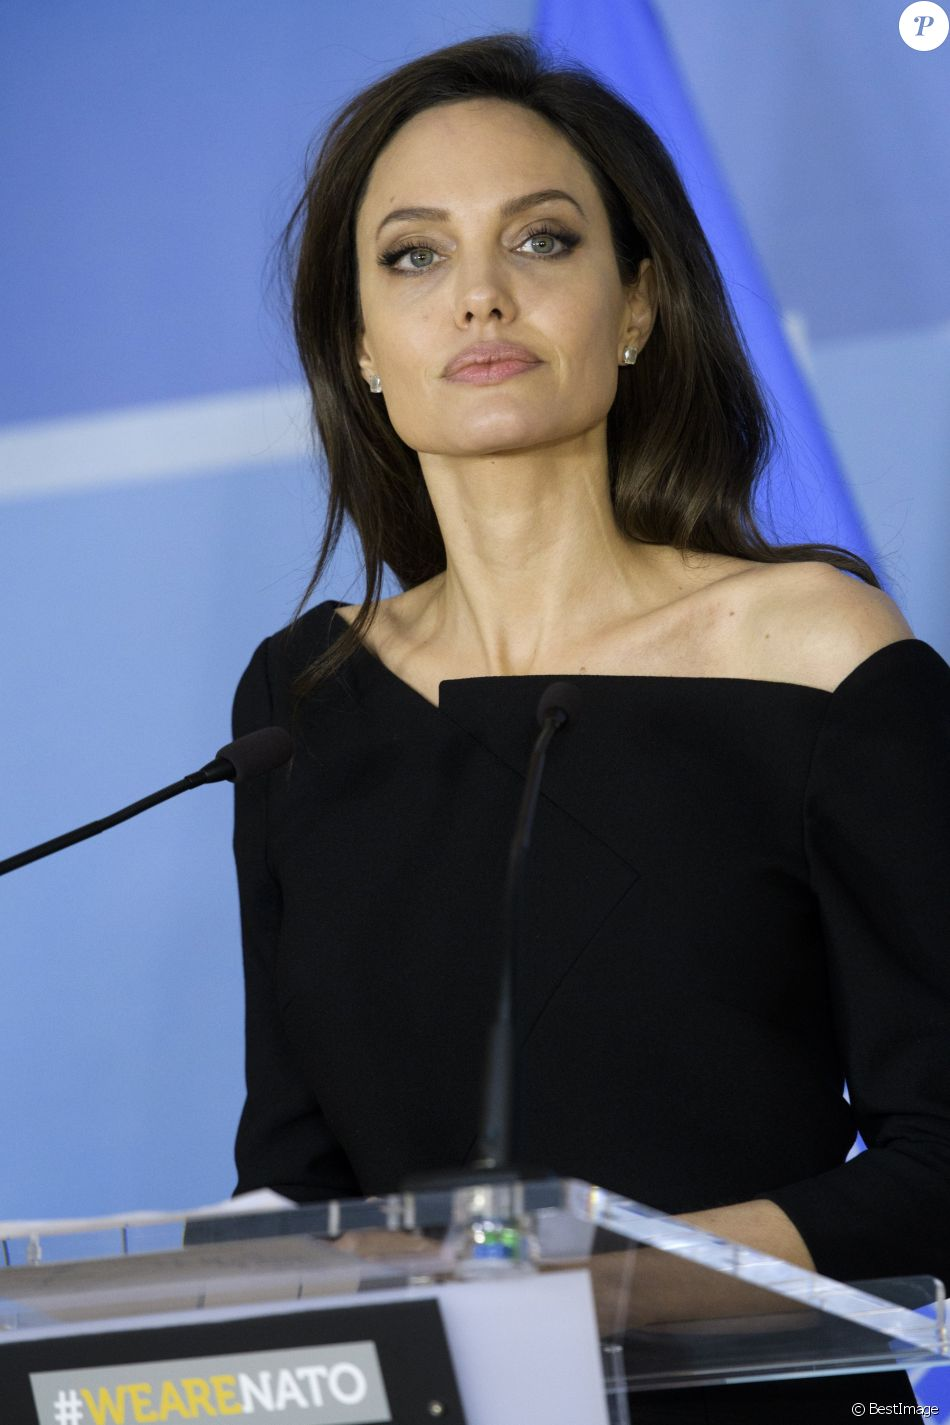 Angelina Jolie en visite à l'OTAN pour défendre la cause des femmes dans les conflits armés à Bruxelles le 31 janvier 2018.